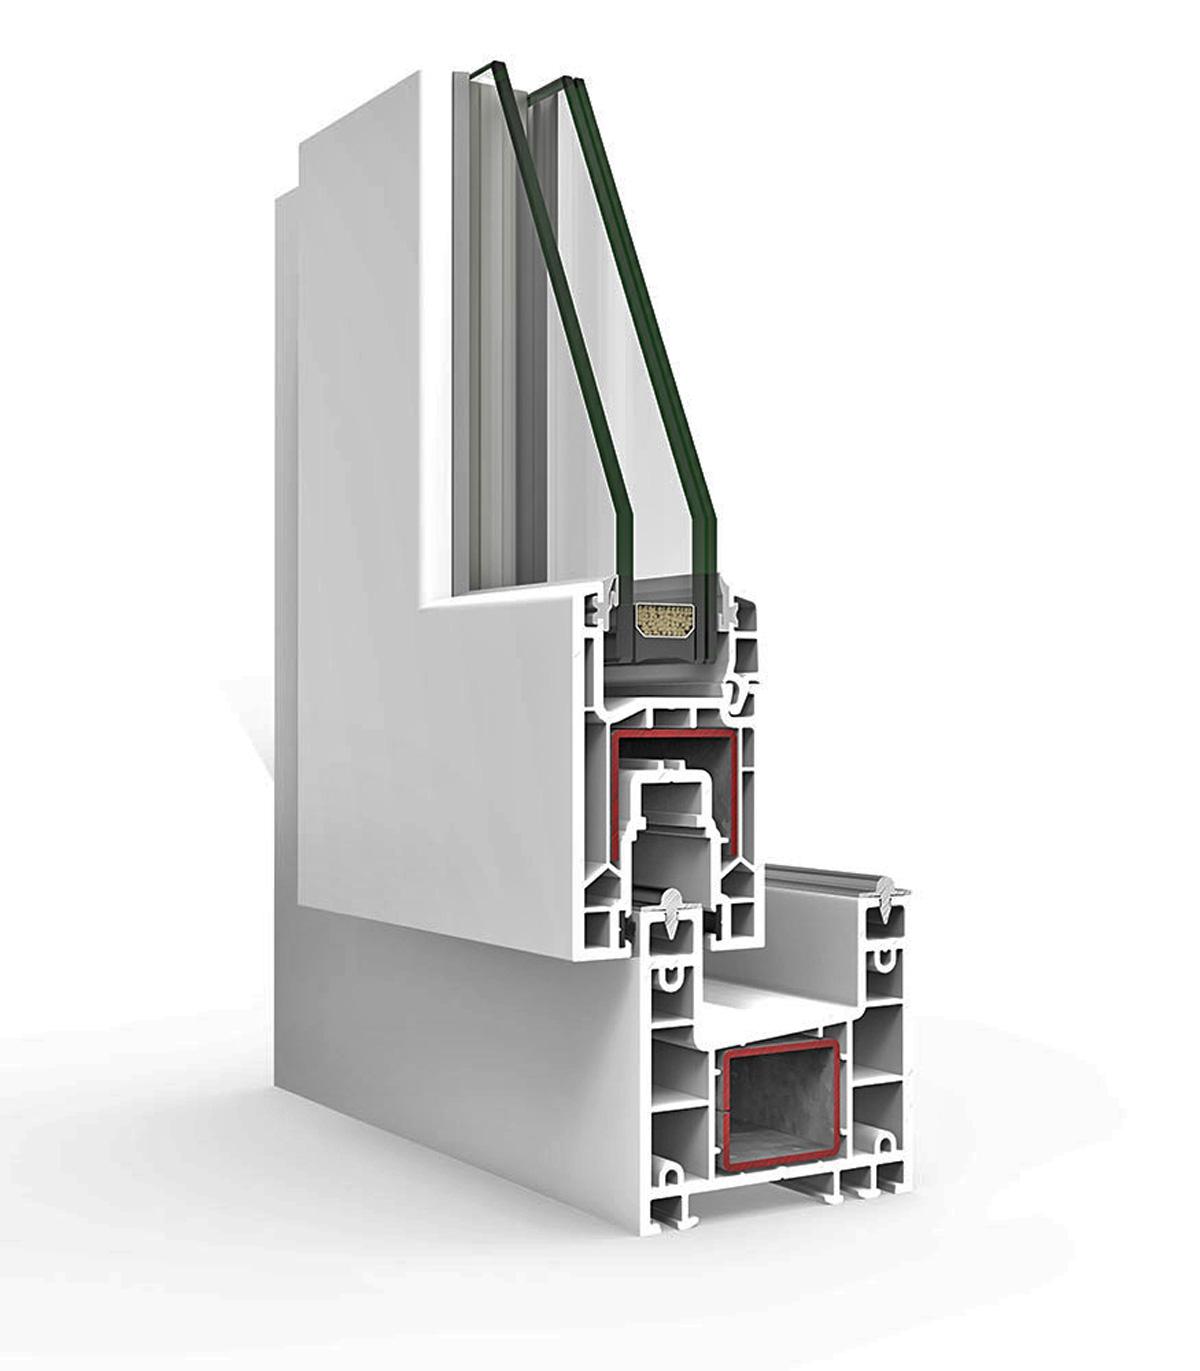 PVC cortizo A70 detalles